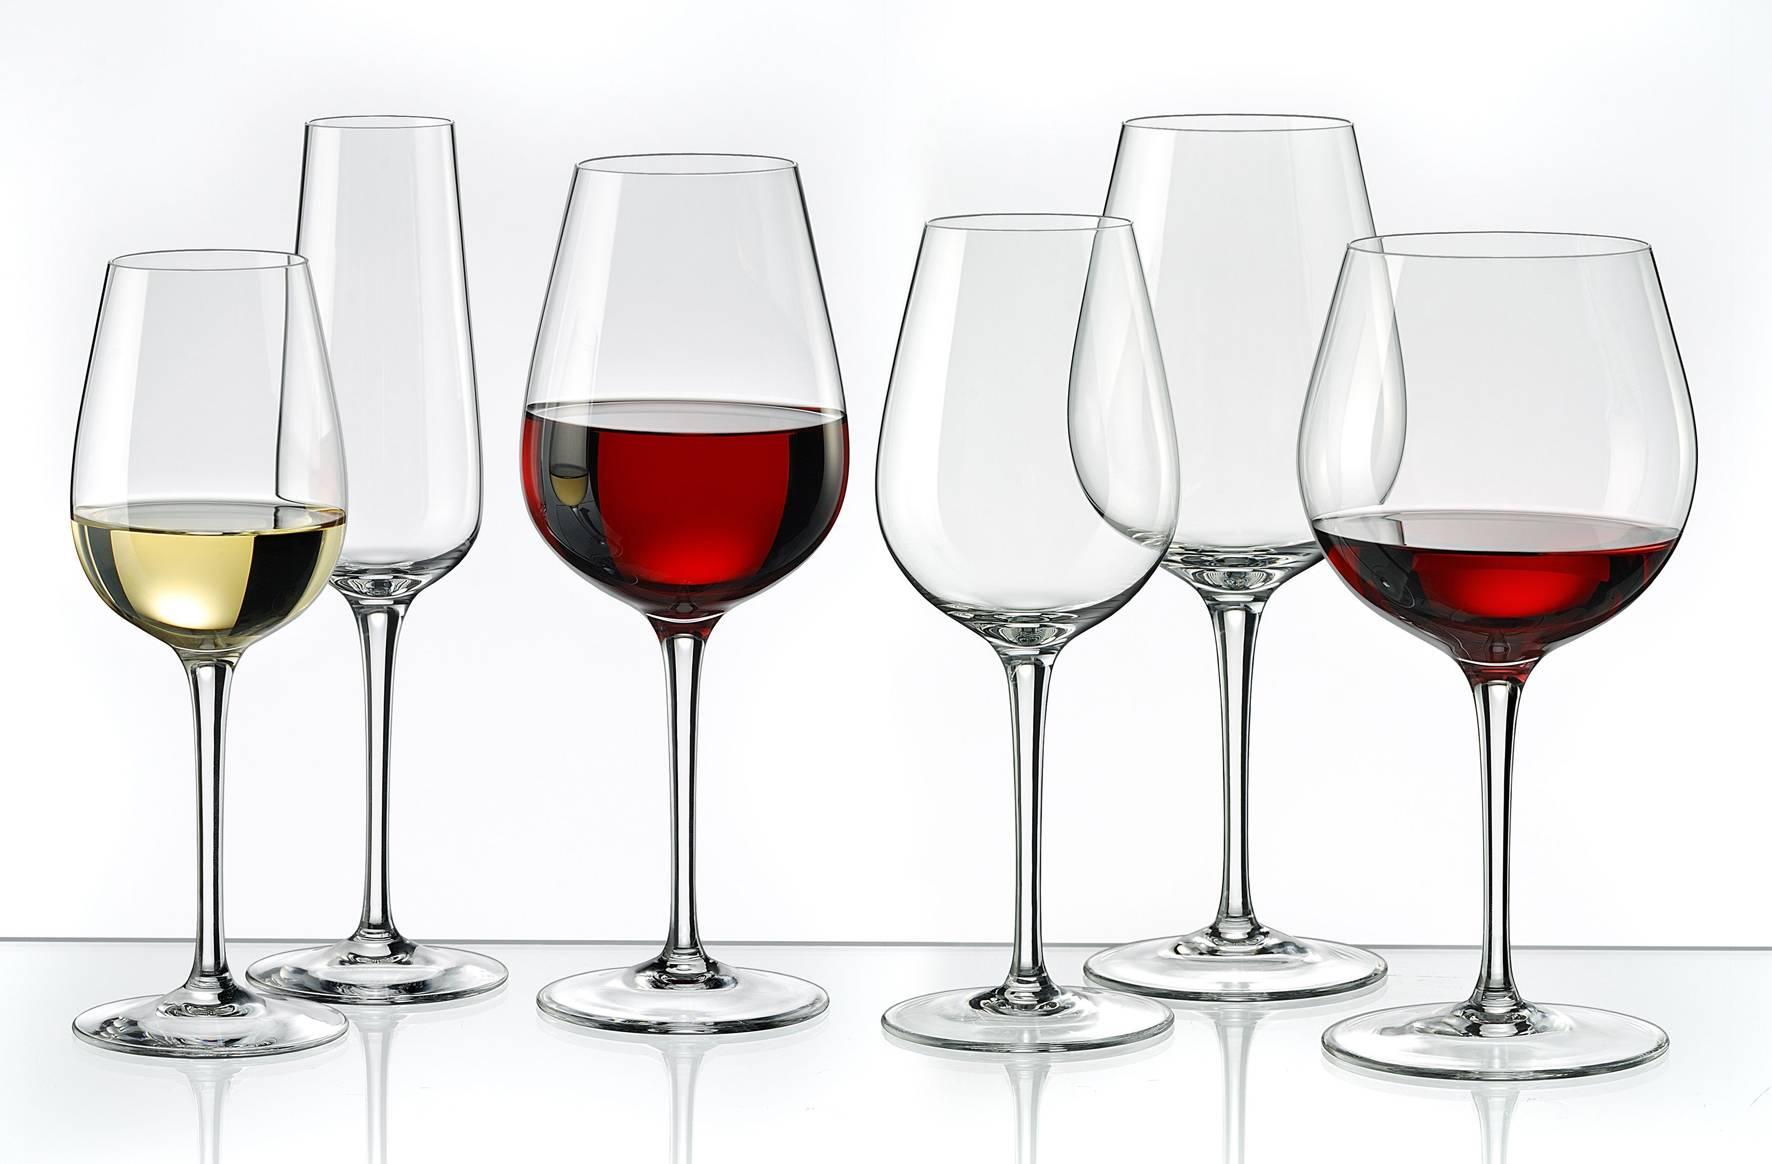 Классификация вин франции и других стран европы